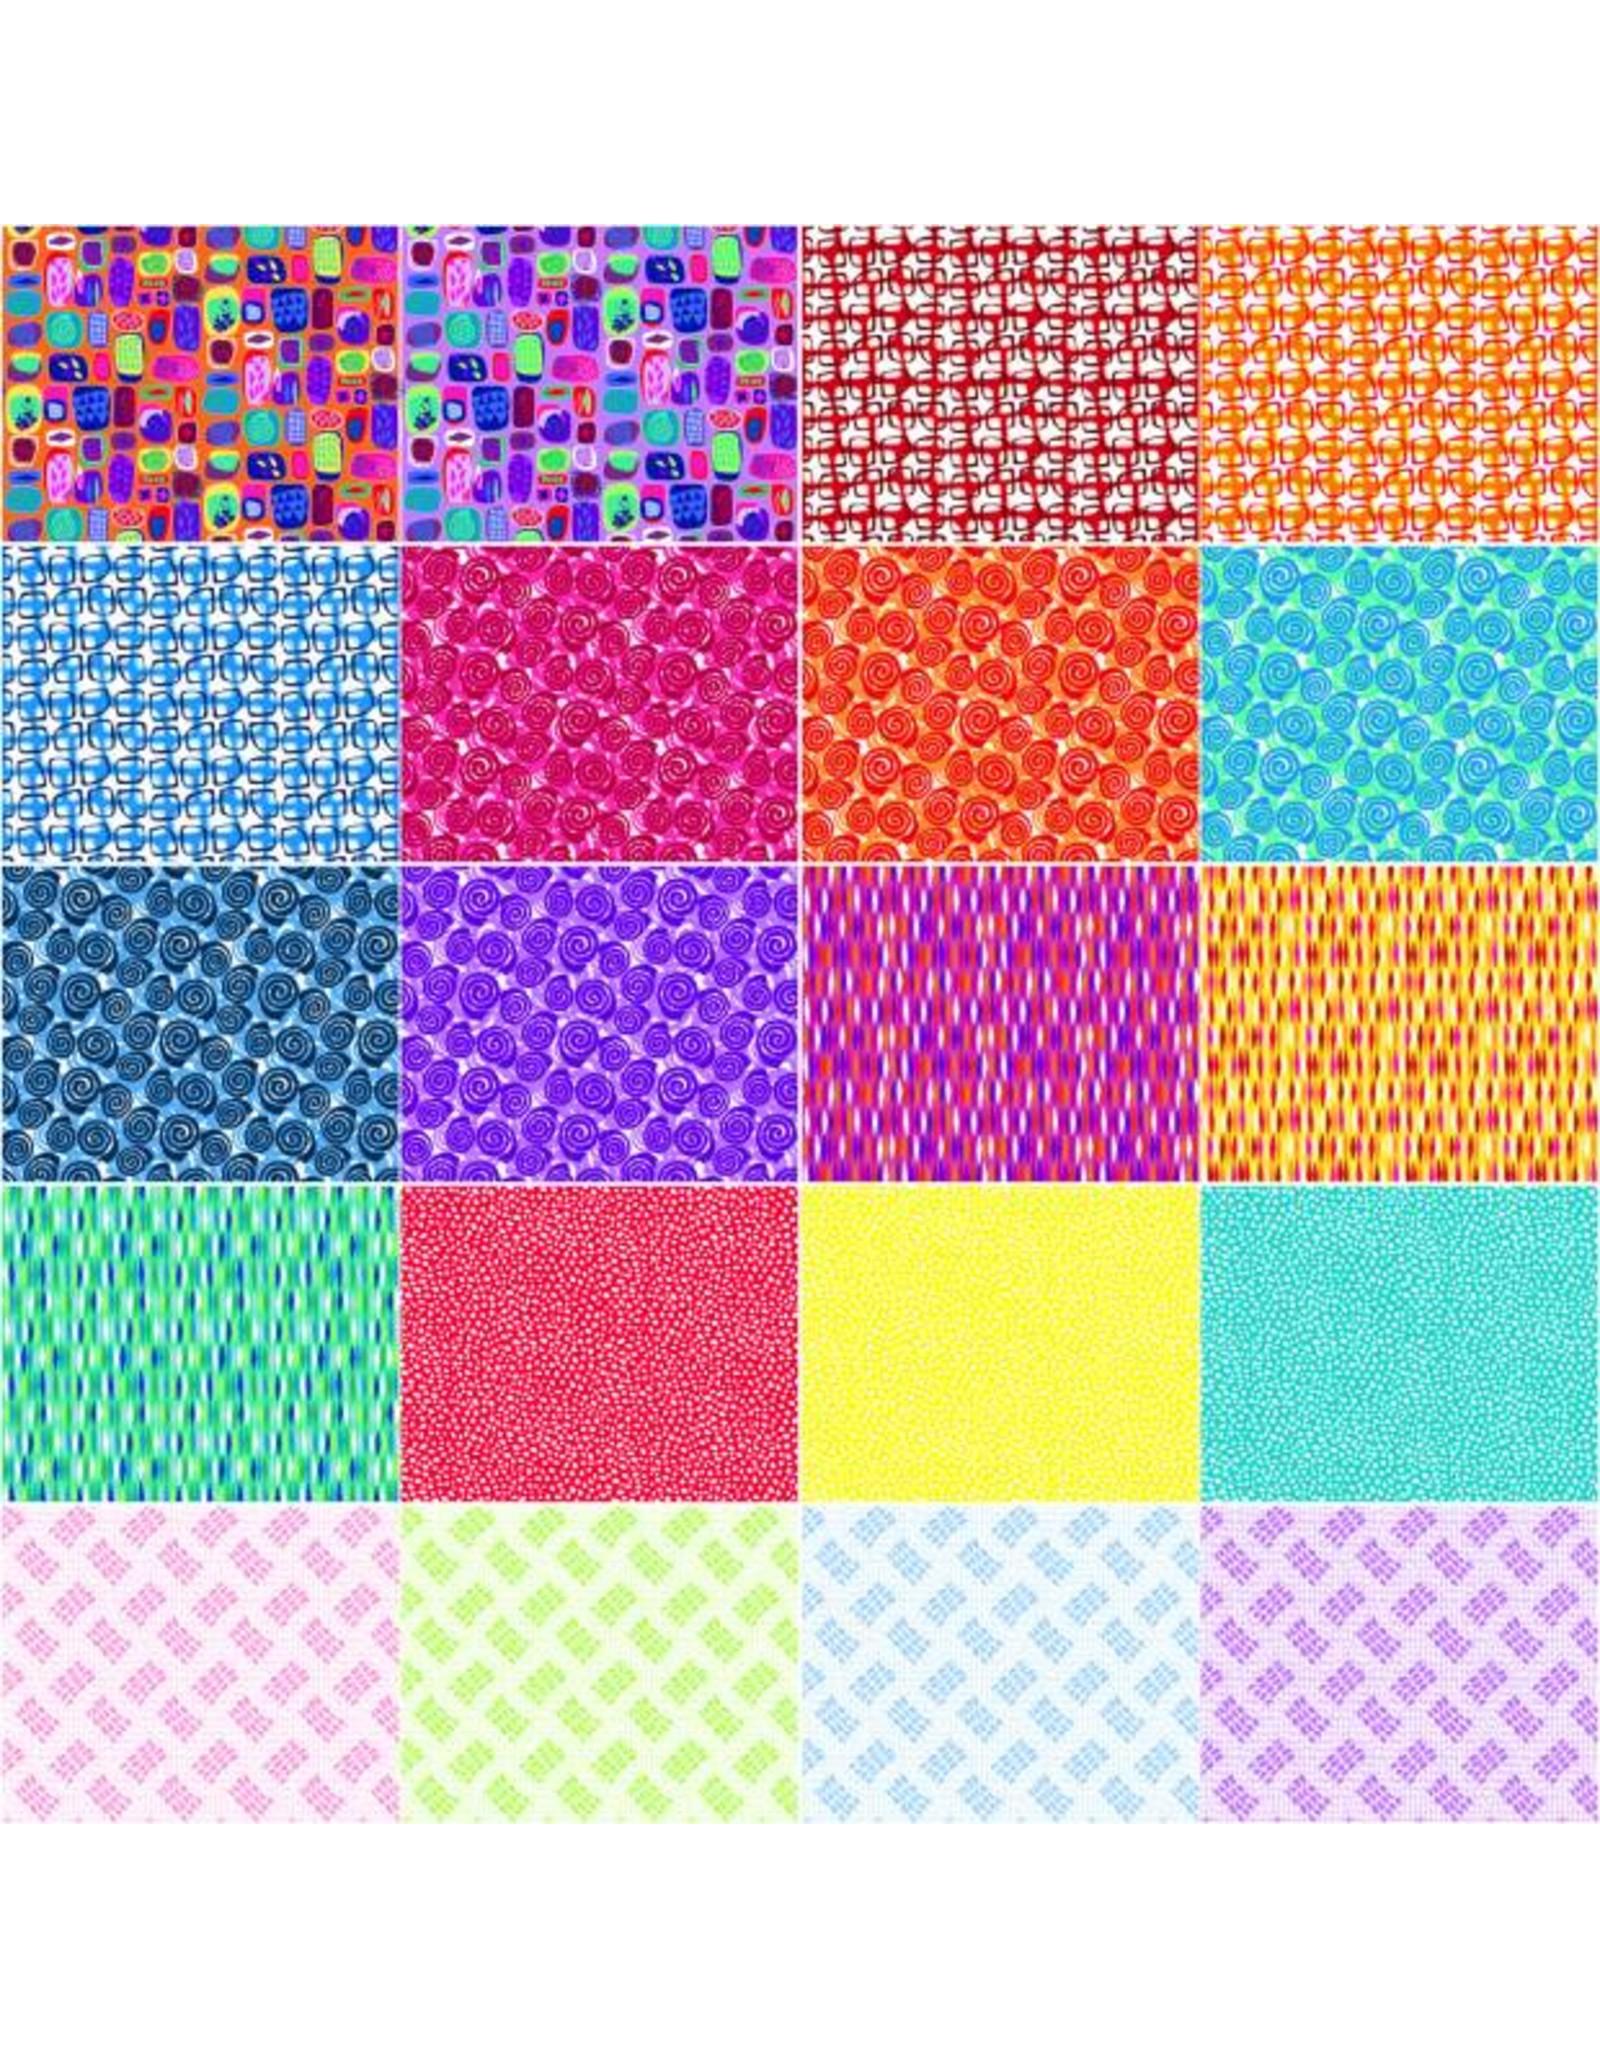 Contempo Christa Watson - Abstract Garden - 5x5 Pack